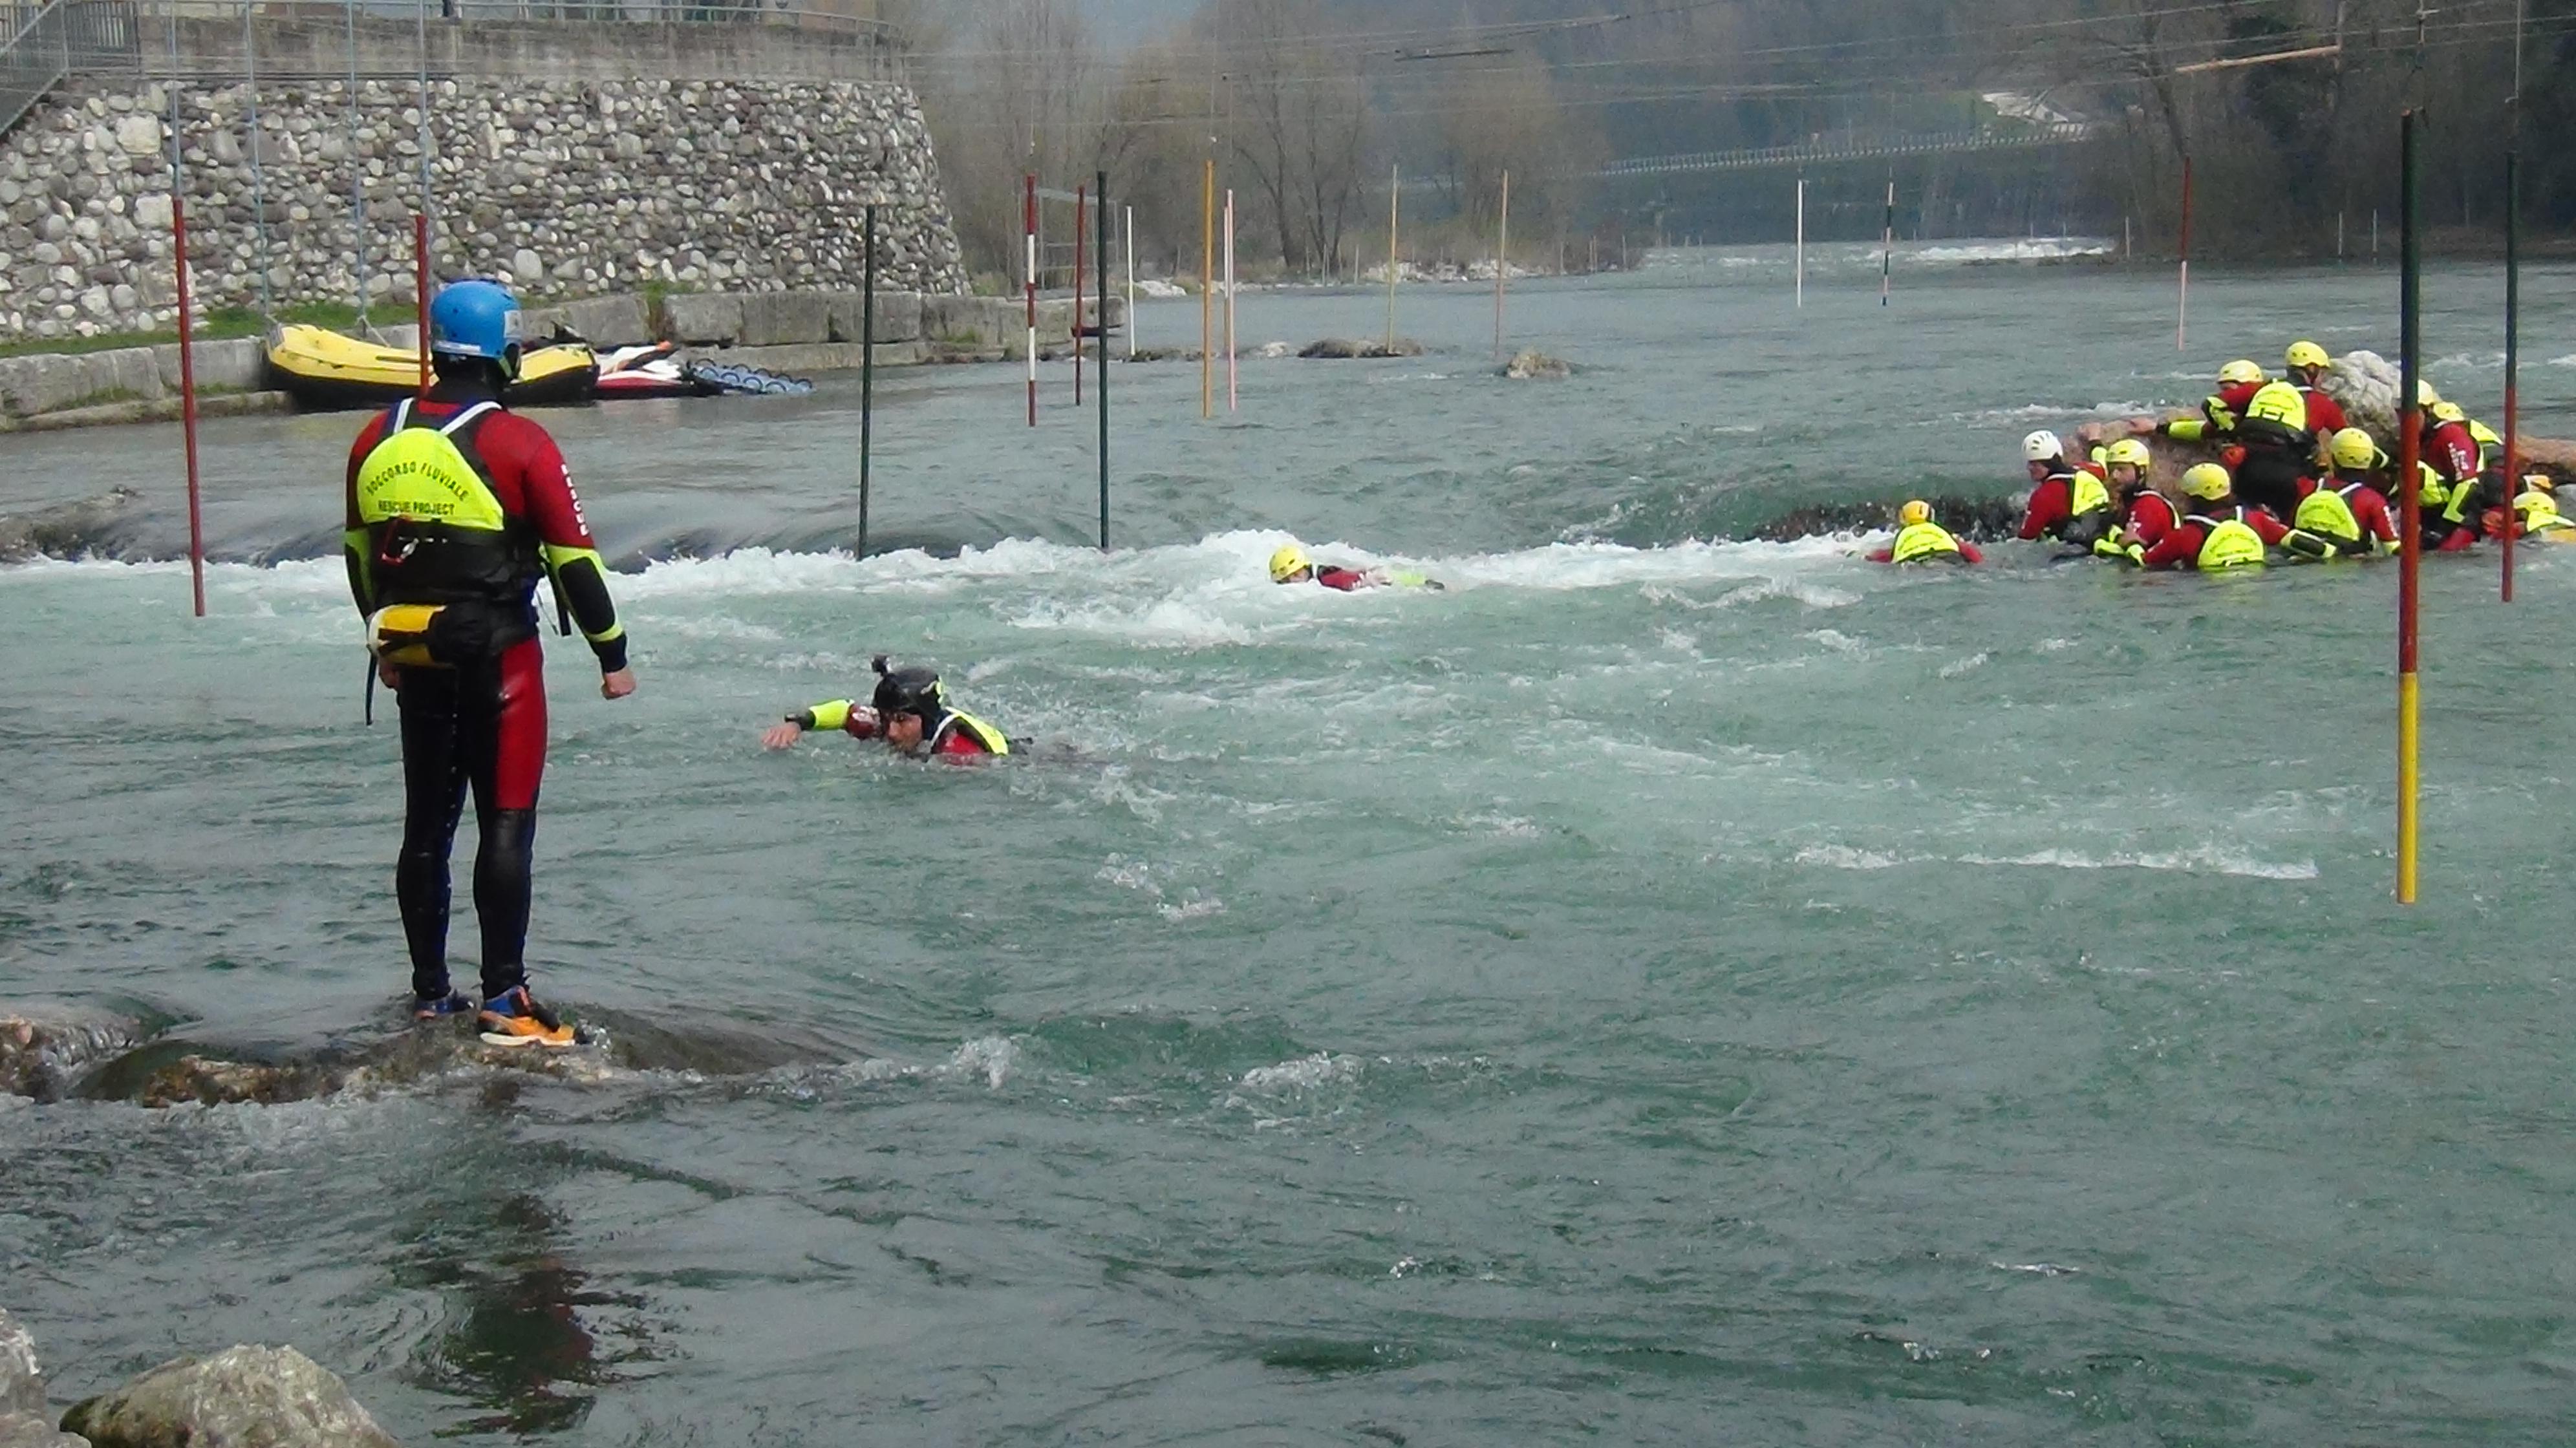 parte 6, nuotare in una rapida cosa fare?conclusioni…